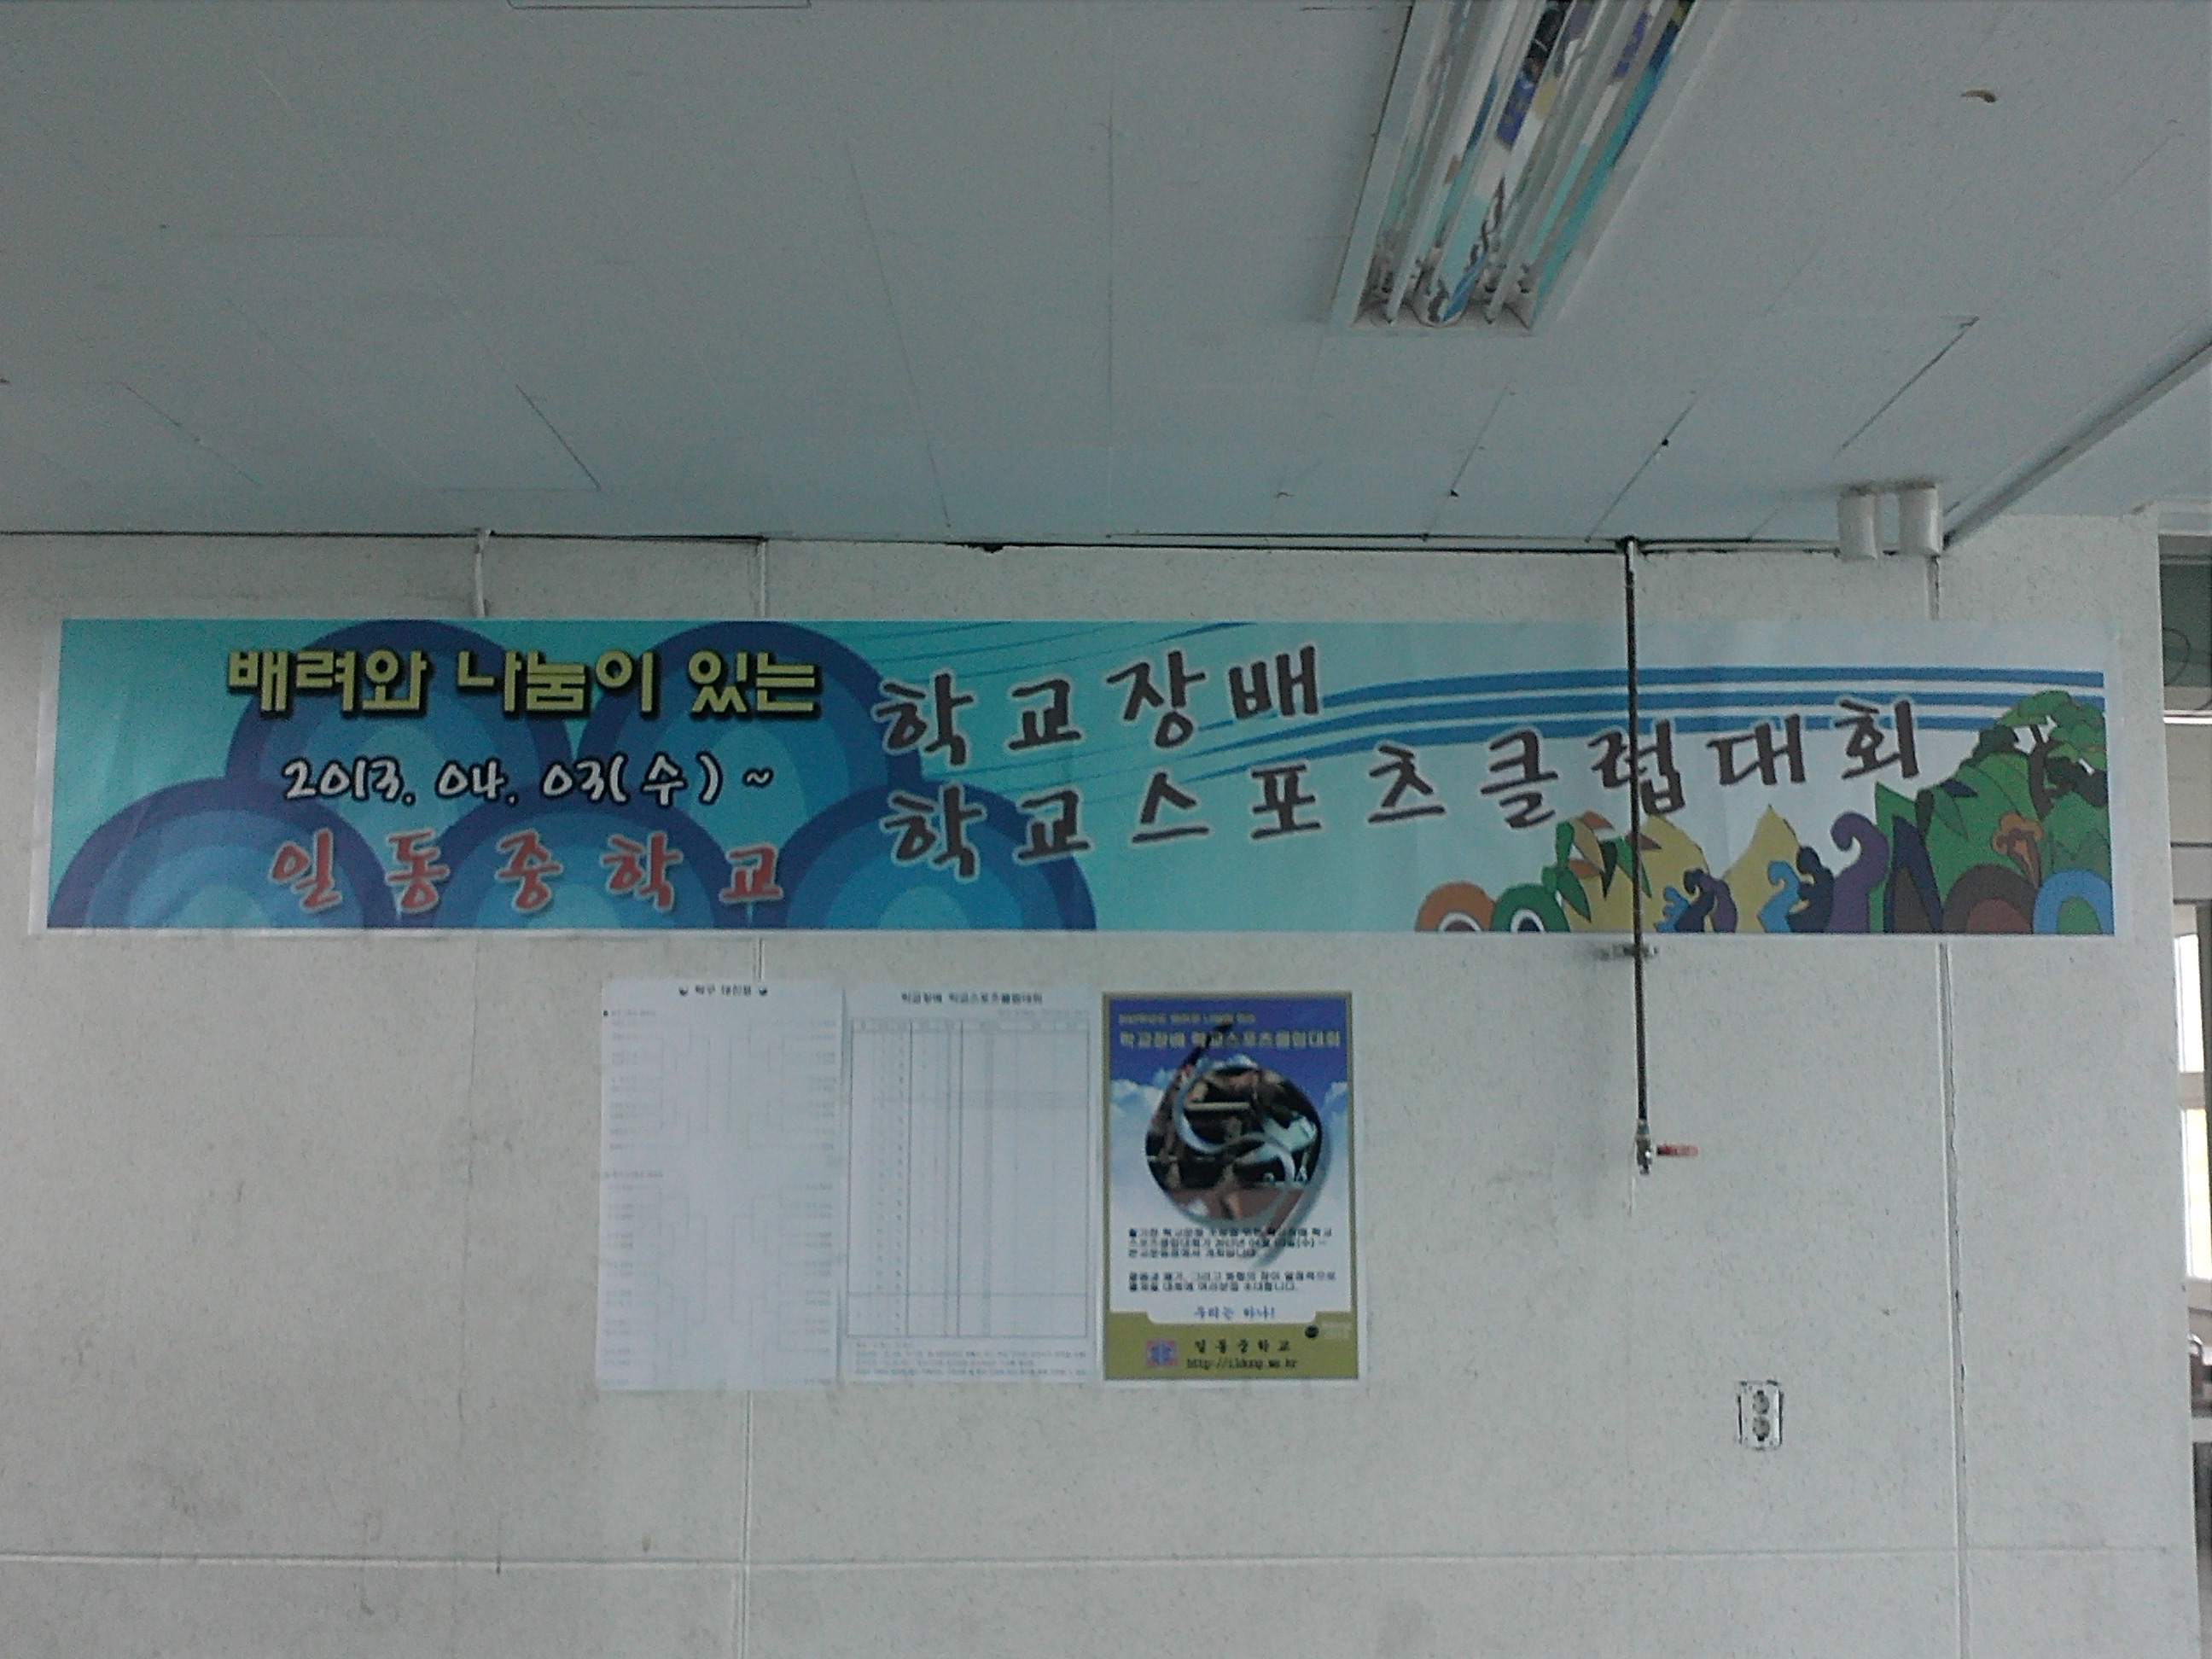 [일반] 배려와 나눔이 있는 2013학교장배 학교스포츠클럽대회의 첨부이미지 6